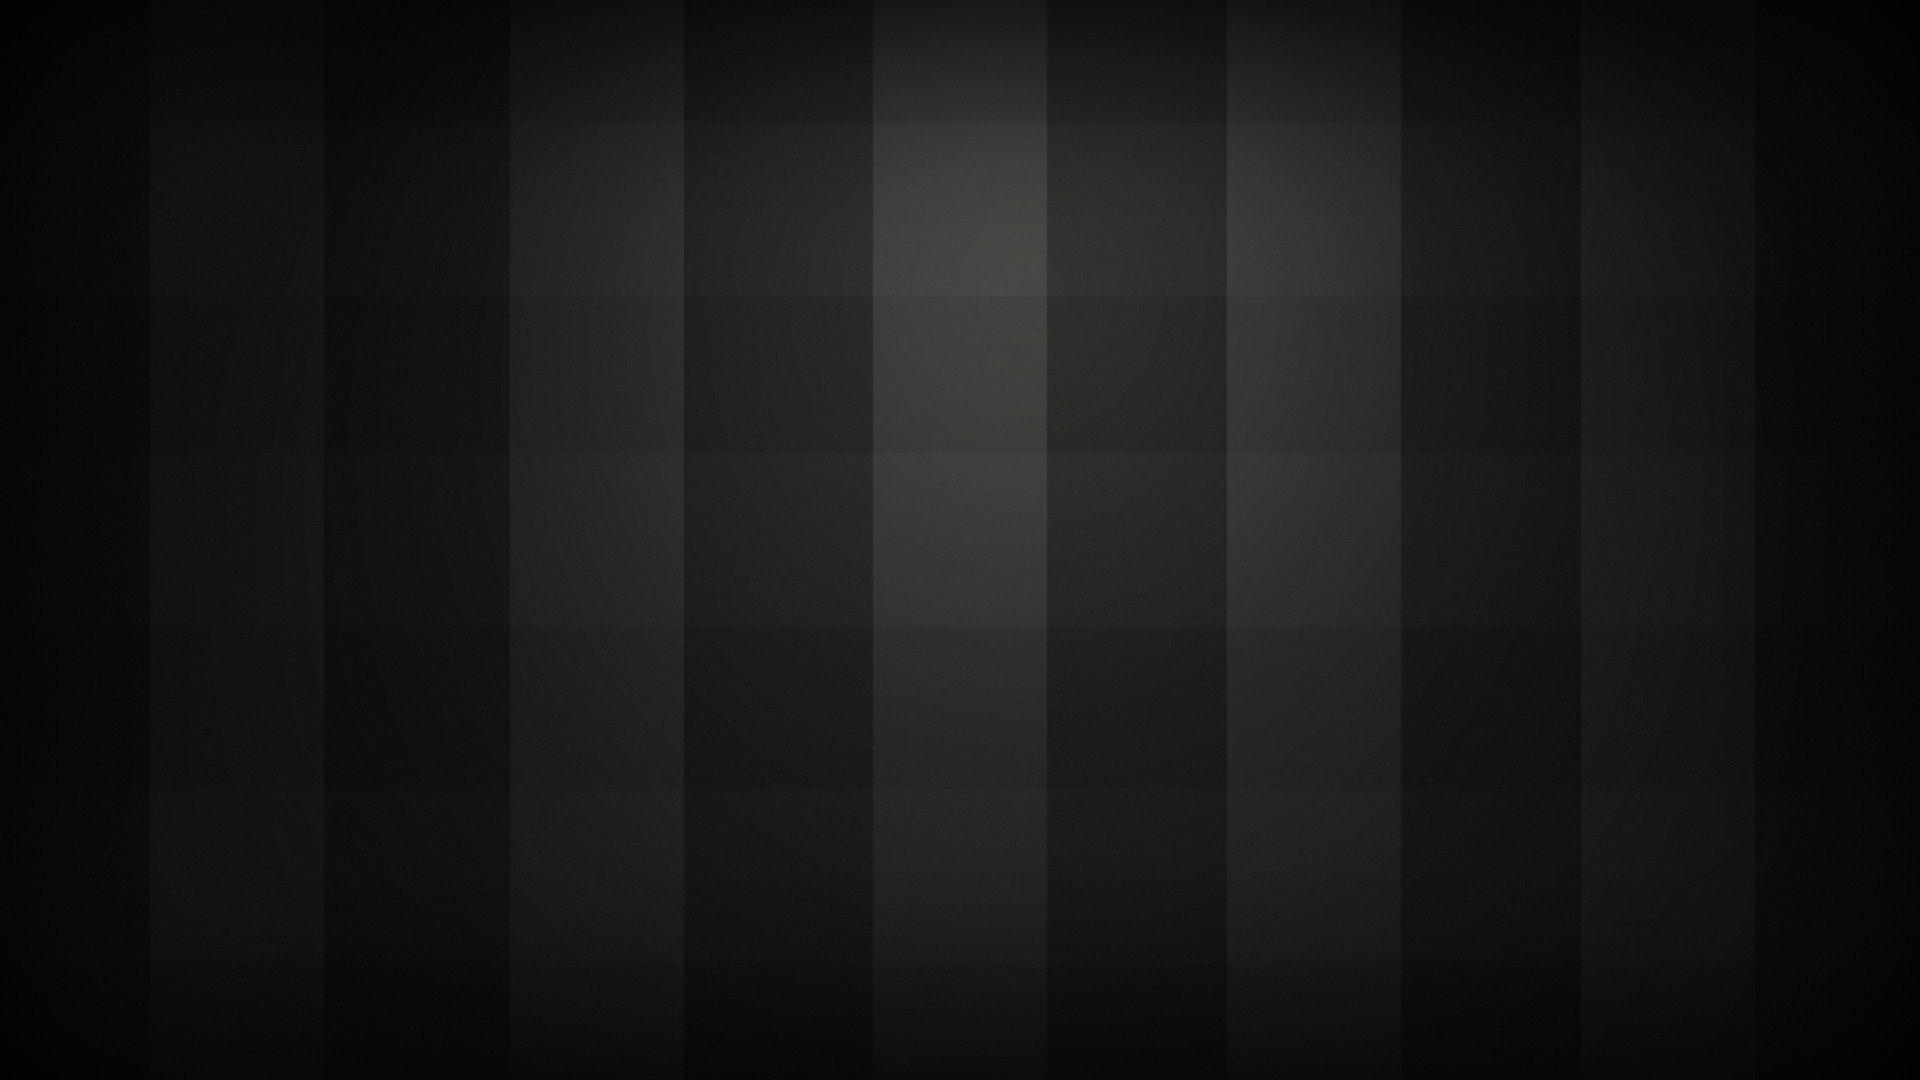 Black HD Wallpaper 1920x1080 (62+ images)